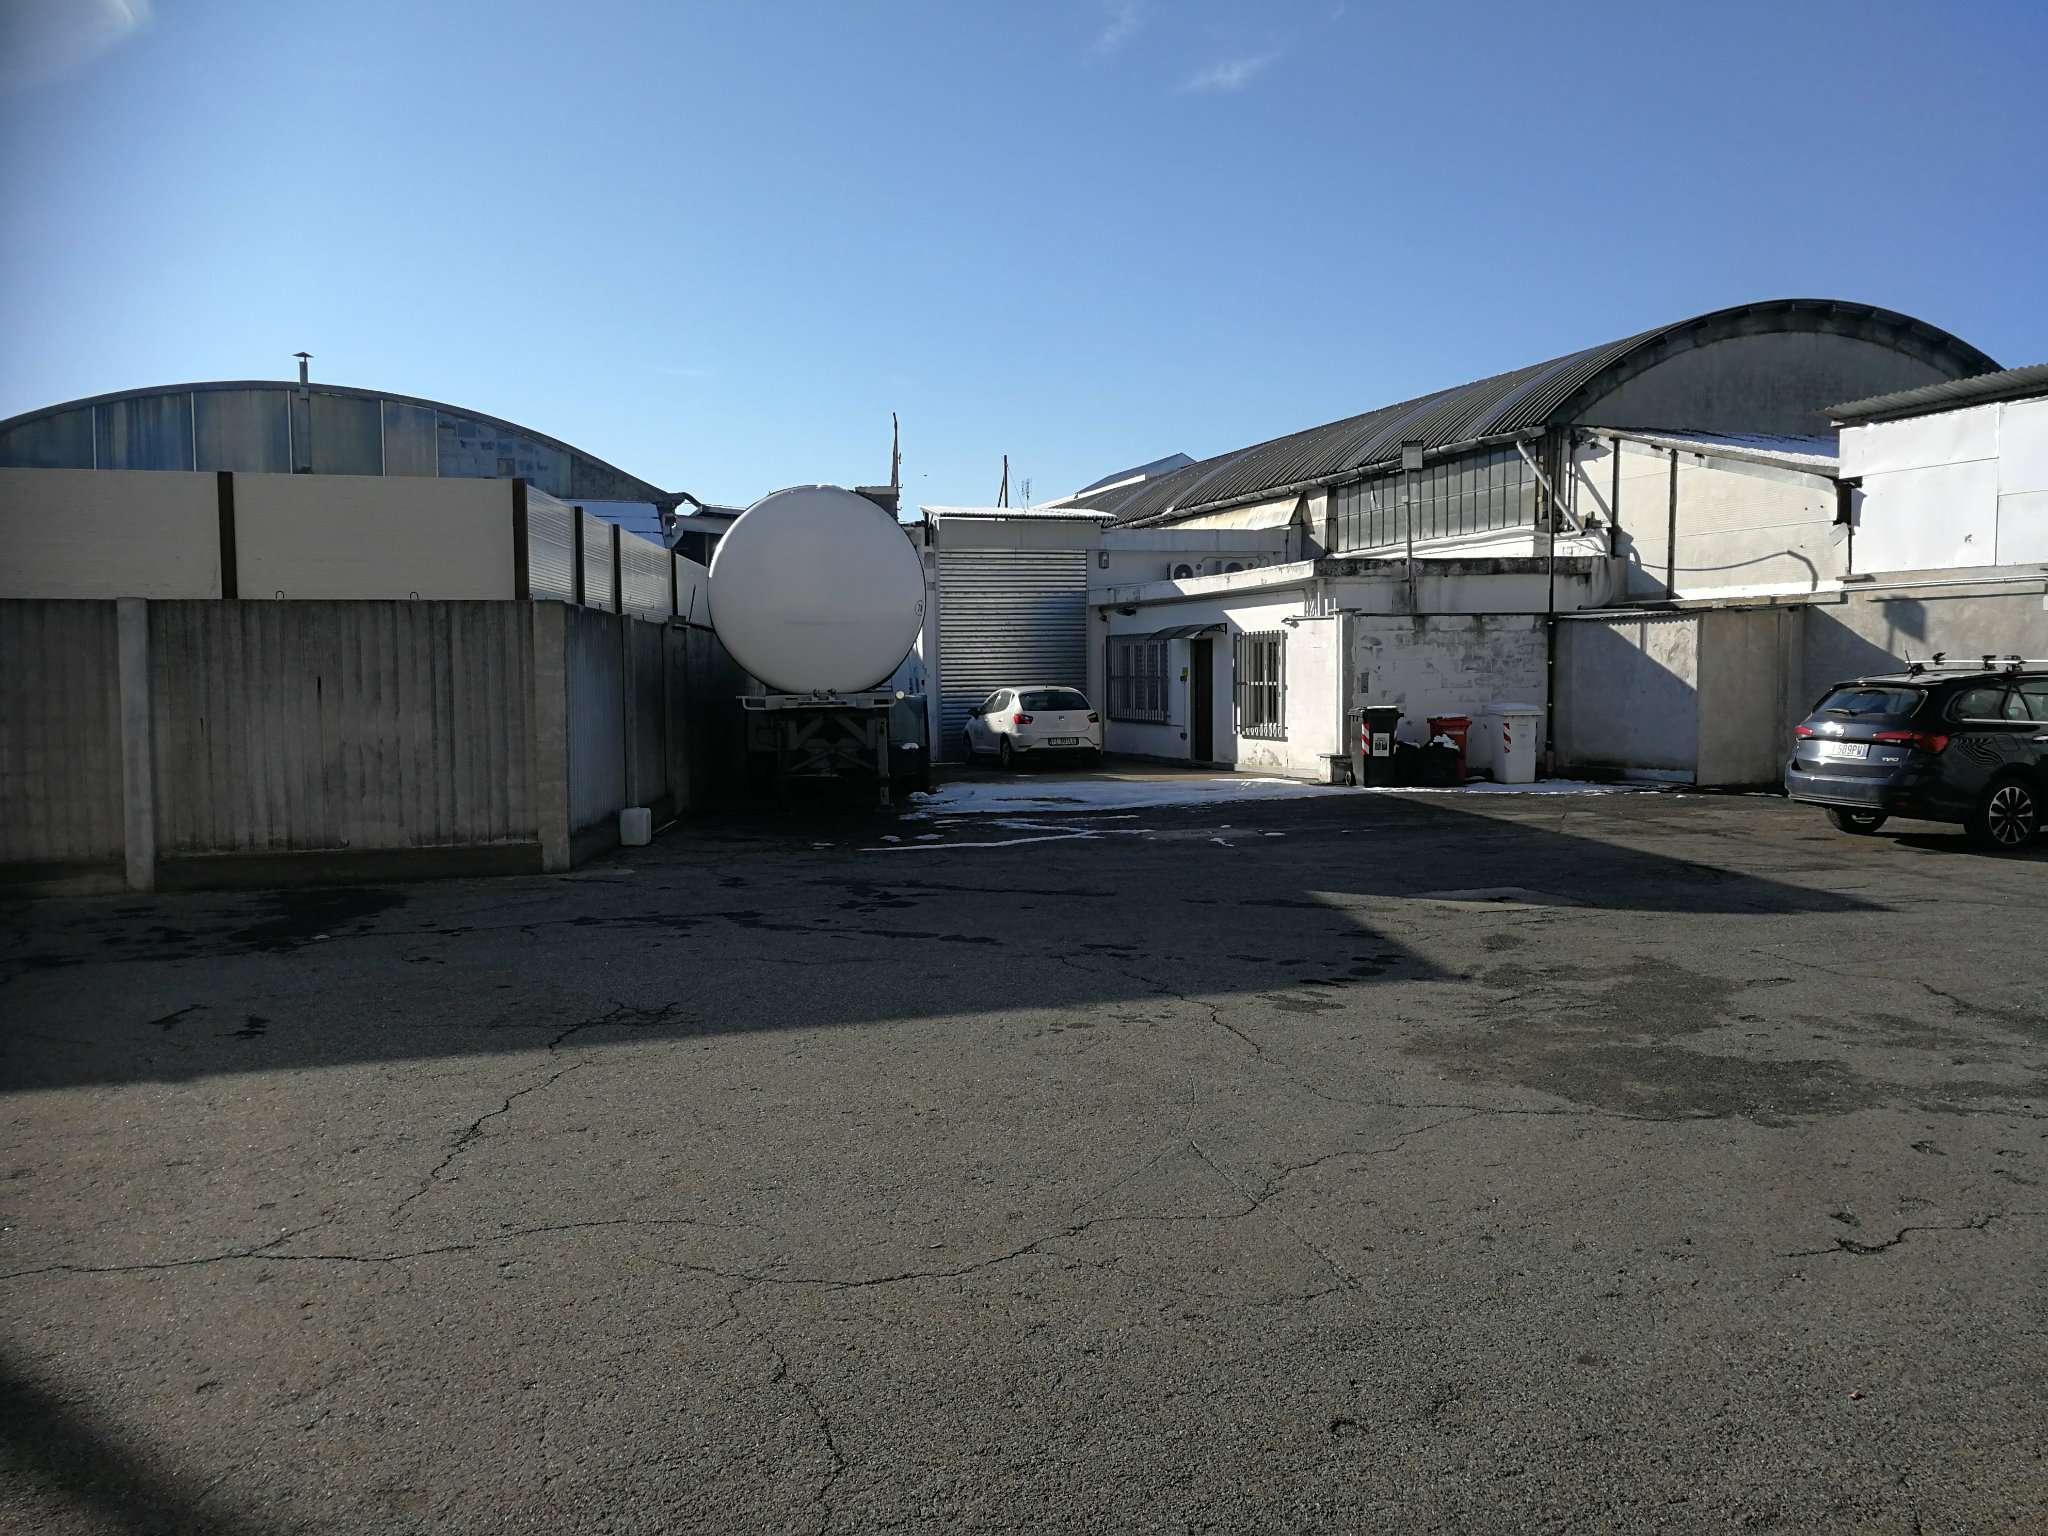 Immagine immobiliare Disponiamo di un capannone industriale a Grugliasco di 750 mq Disponiamo di un capannone industriale a Grugliasco nei pressi del centro commerciale